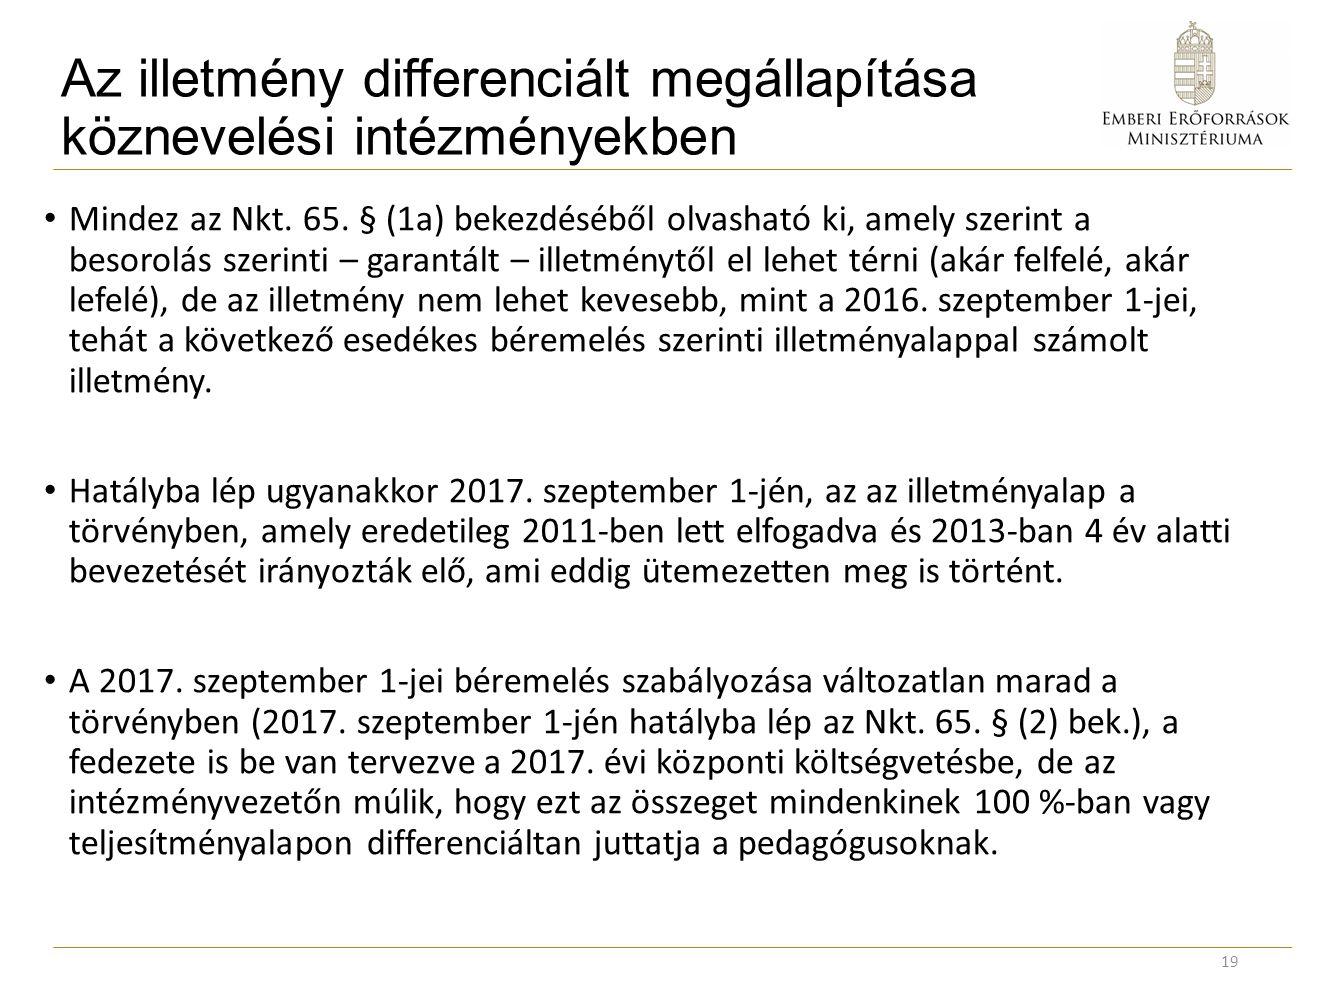 Az illetmény differenciált megállapítása köznevelési intézményekben Mindez az Nkt. 65. § (1a) bekezdéséből olvasható ki, amely szerint a besorolás sze